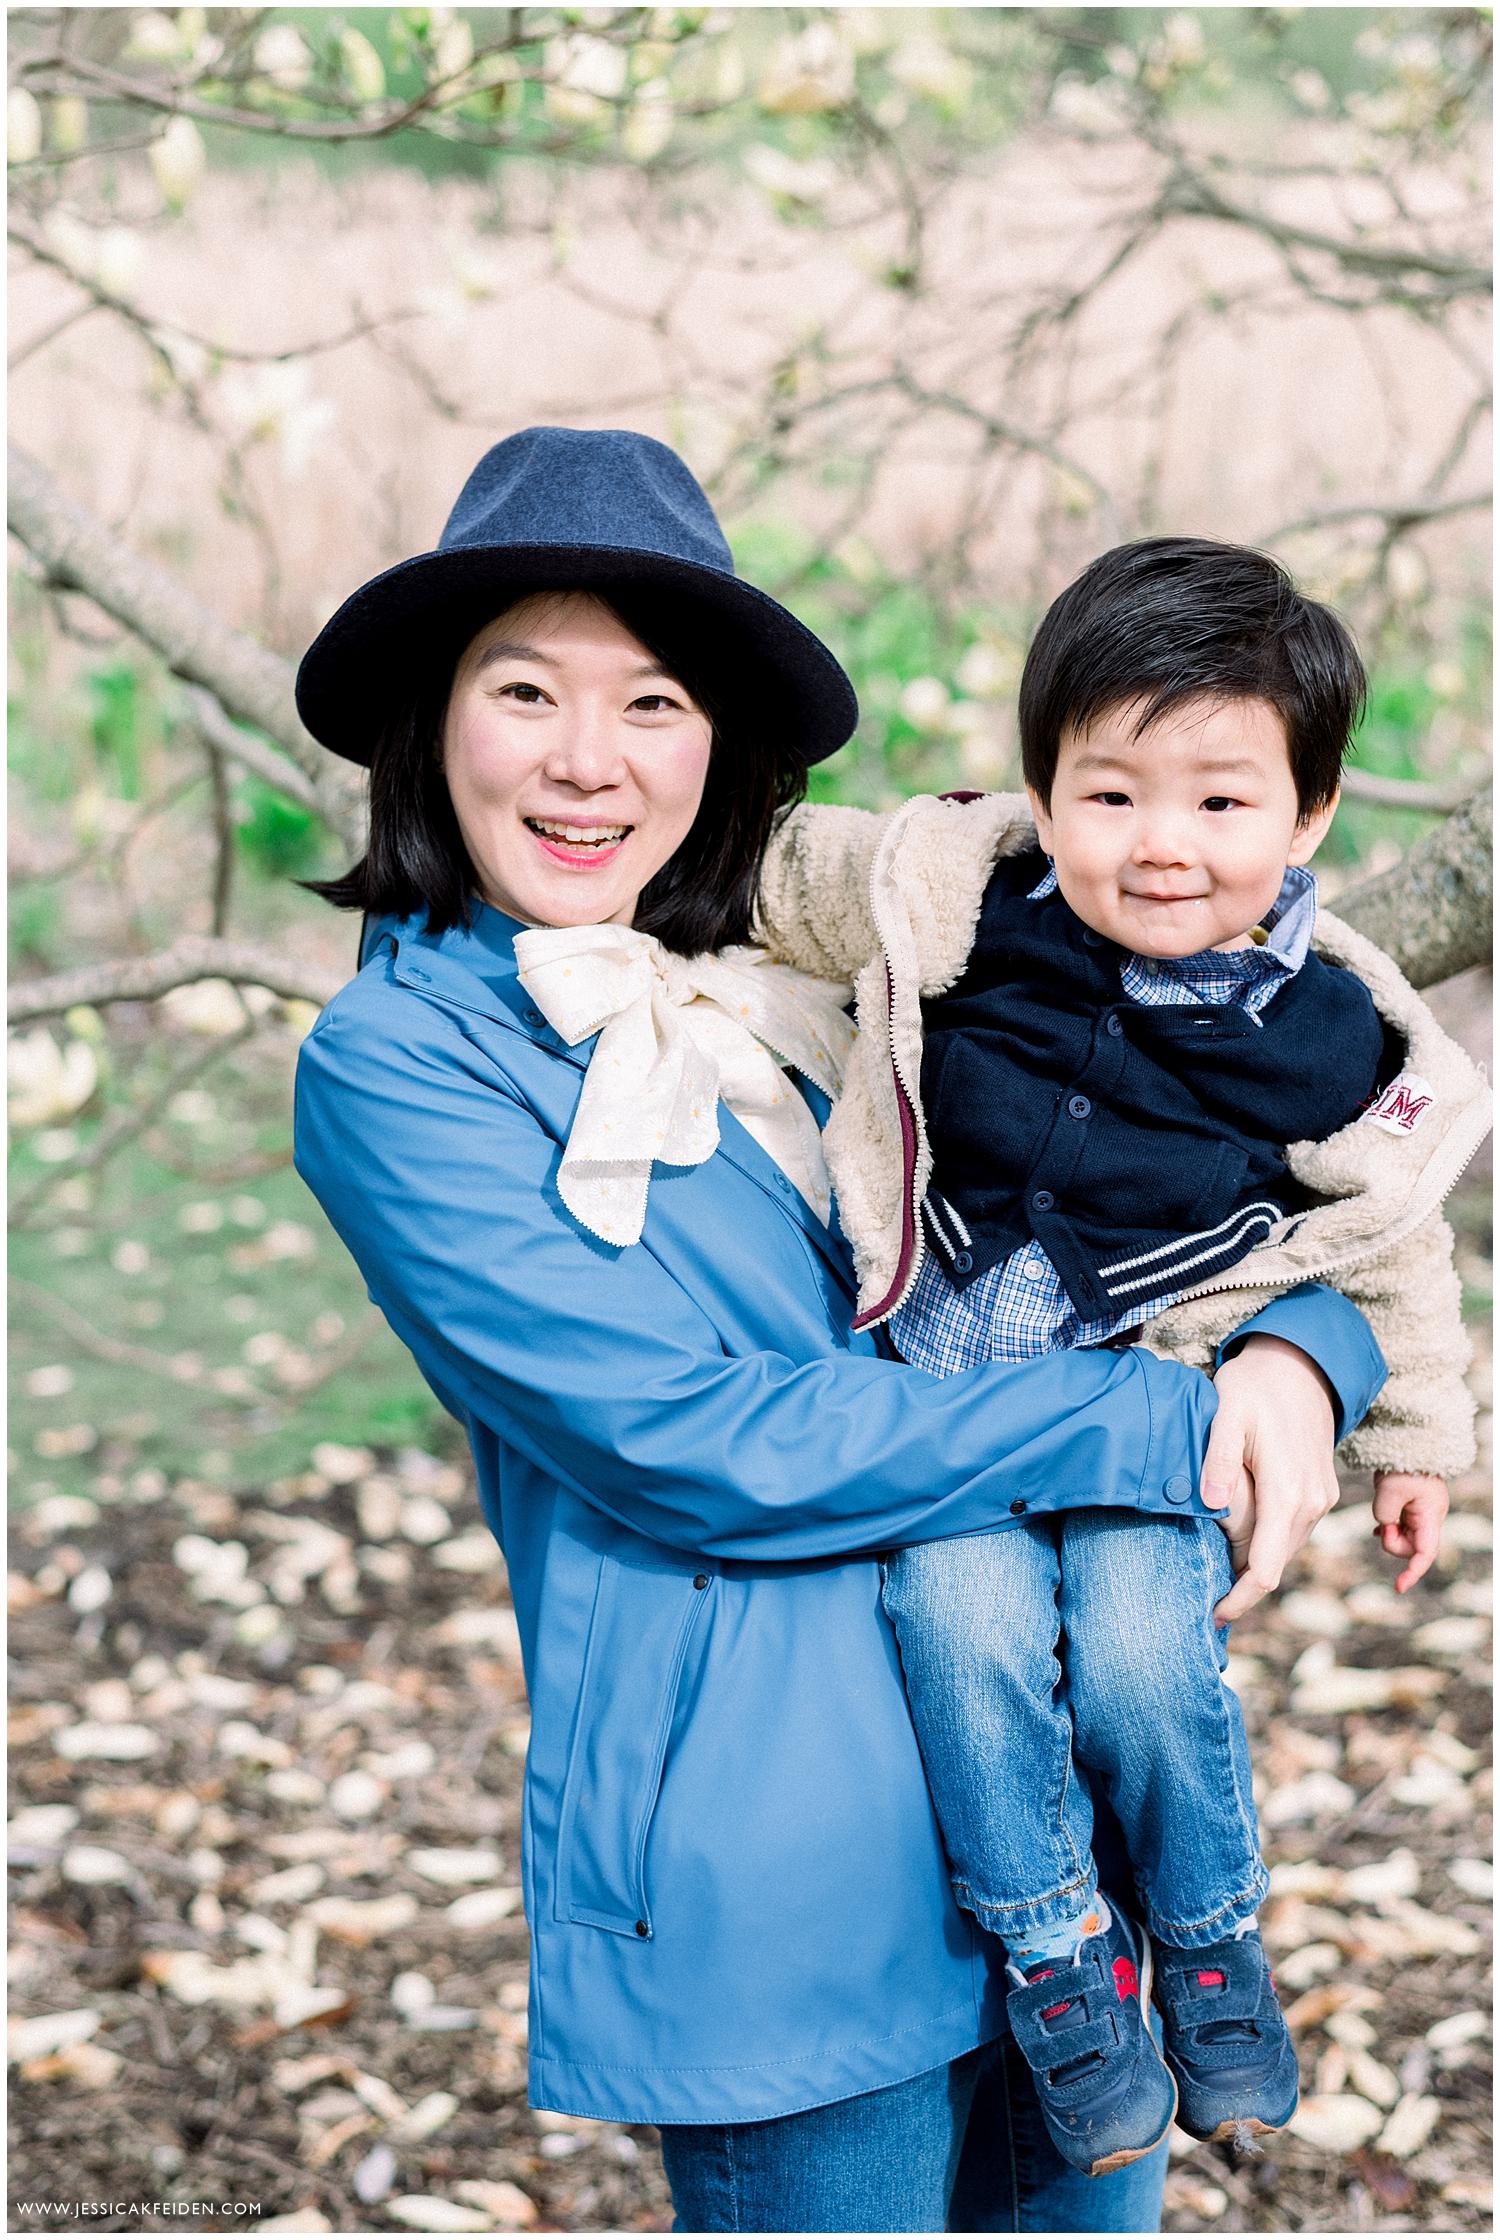 Jessica K Feiden Photography_Arnold Arboretum Spring Family Portrait Session Photographer_0003.jpg